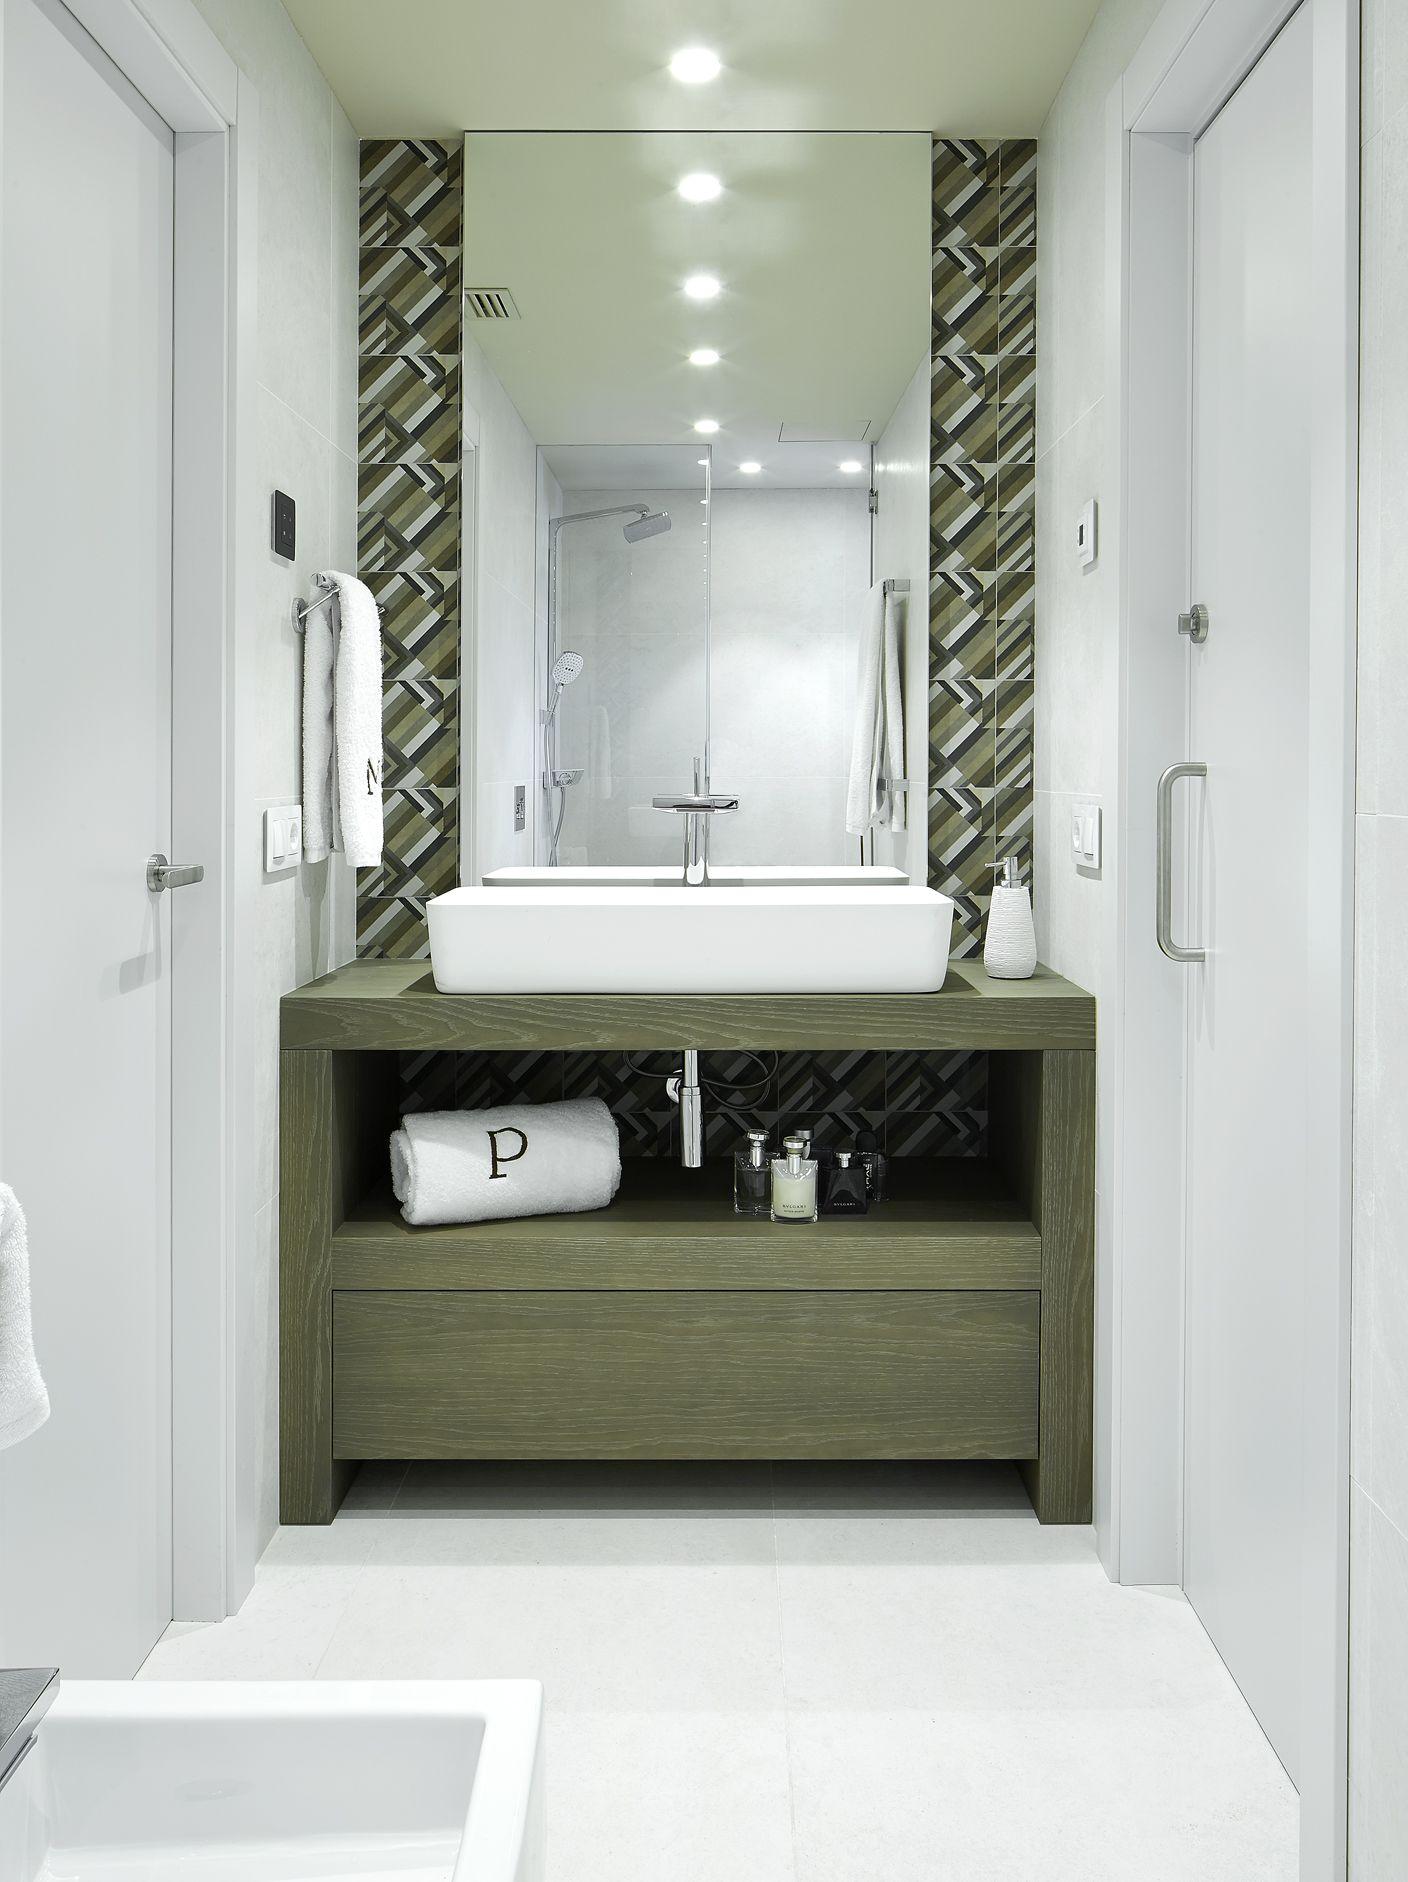 Molins interiors arquitectura interior interiorismo for Muebles para ferias